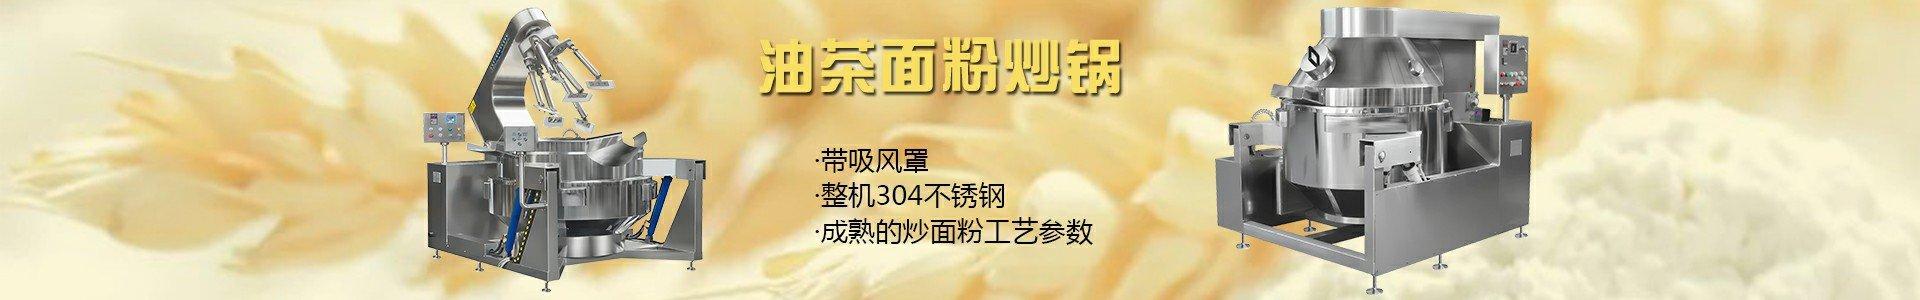 炒油茶面粉系列